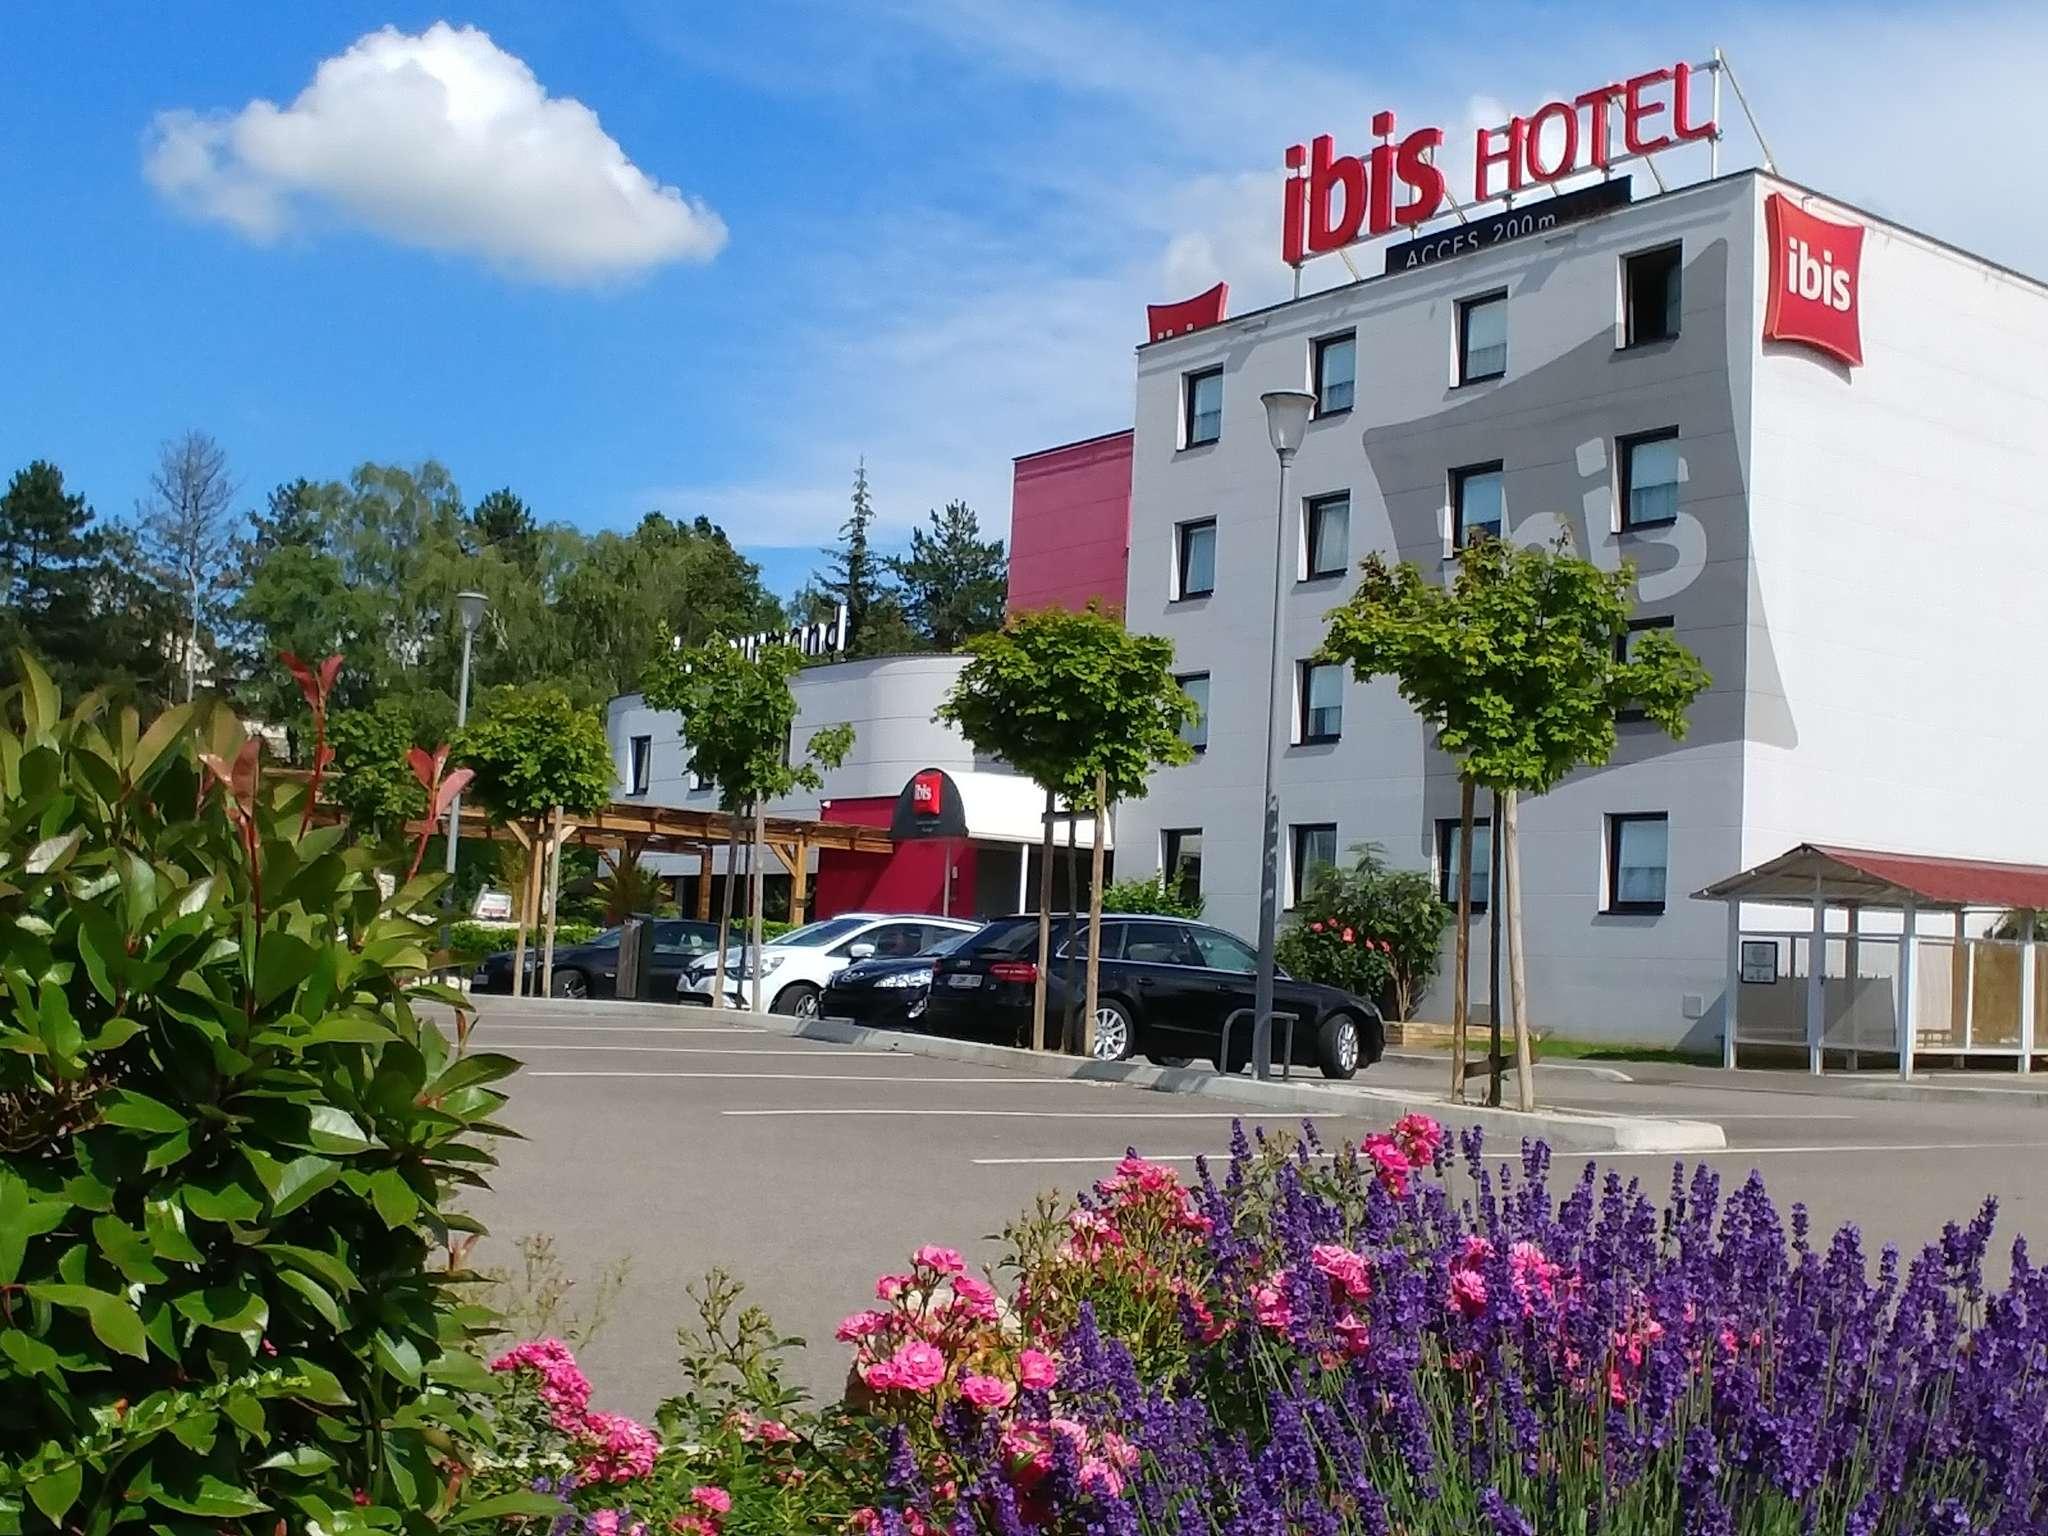 Hôtel À Chalon Sur Saone - Ibis Chalon-Sur-Saône Europe - All encequiconcerne Piscine Chalon Sur Saone